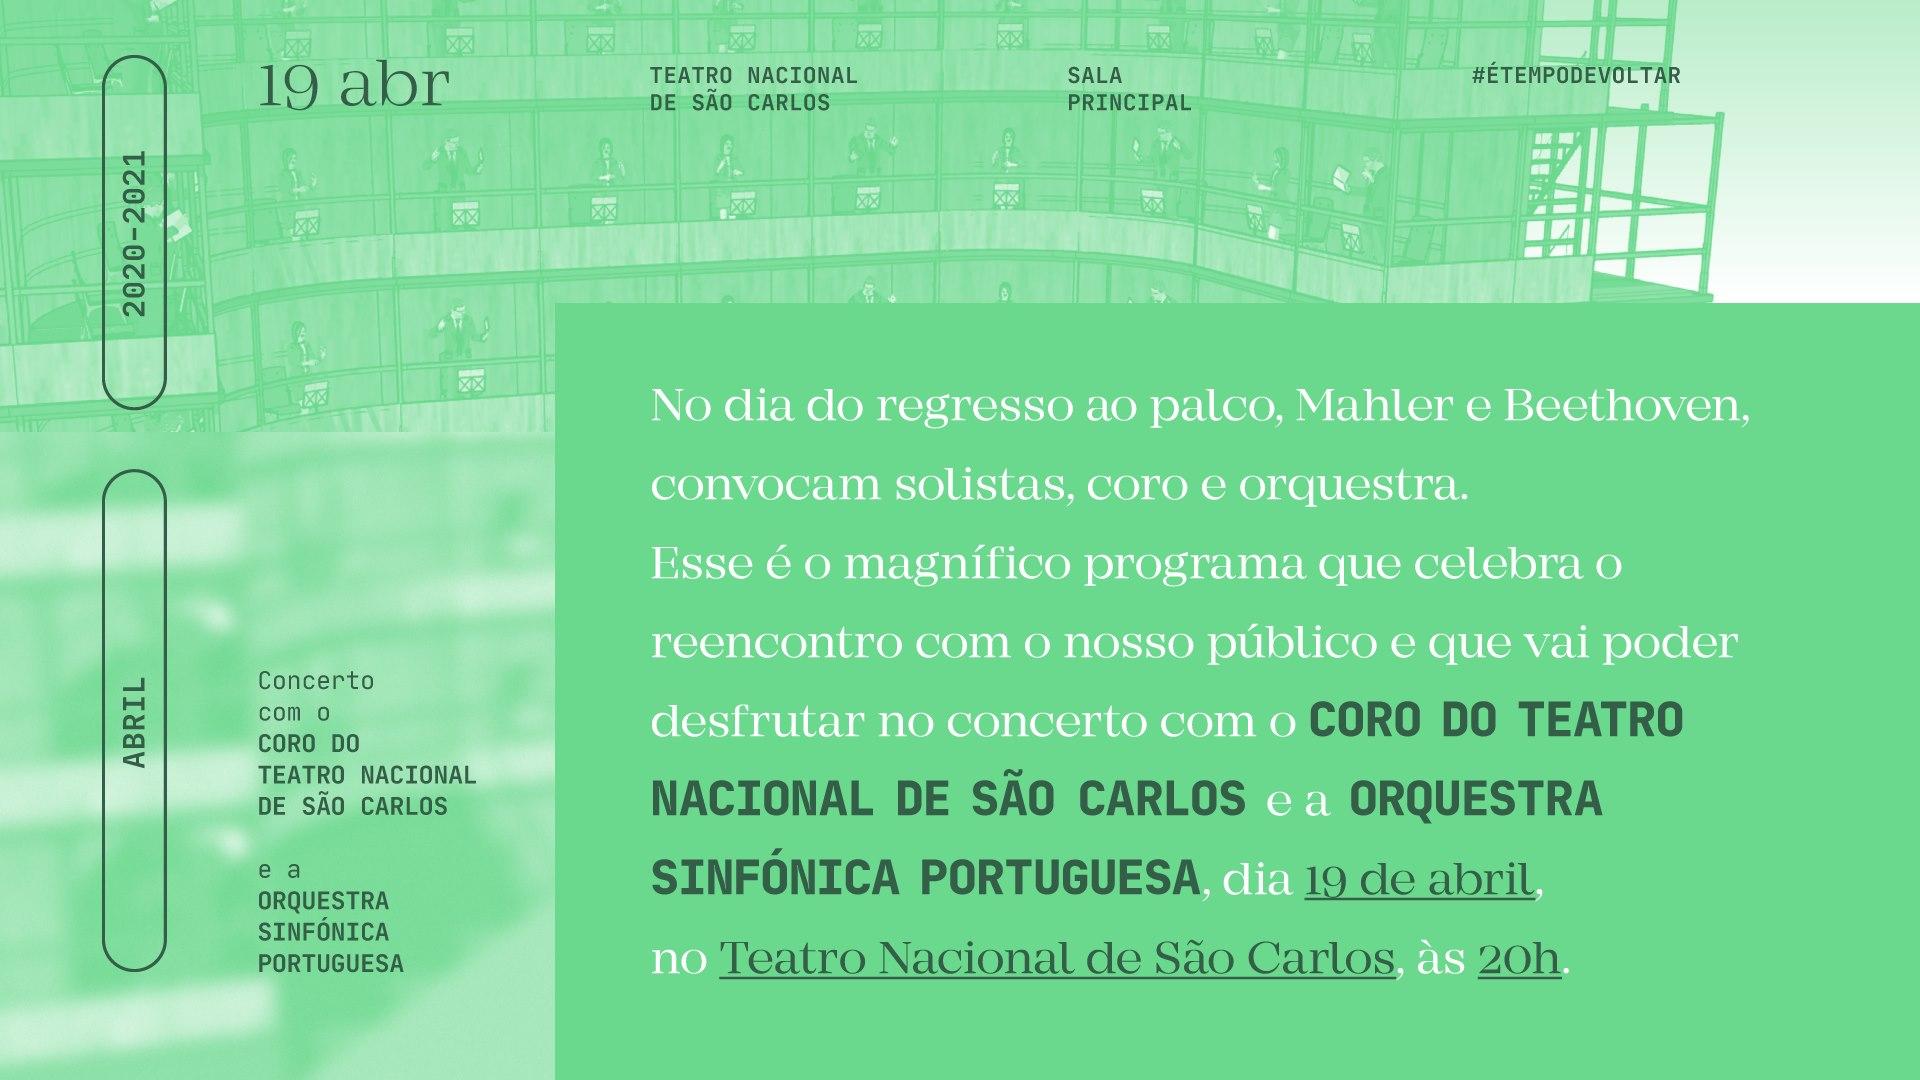 Concerto com o Coro do Teatro Nacional de São Carlos e a Orquestra Sinfónica Portuguesa